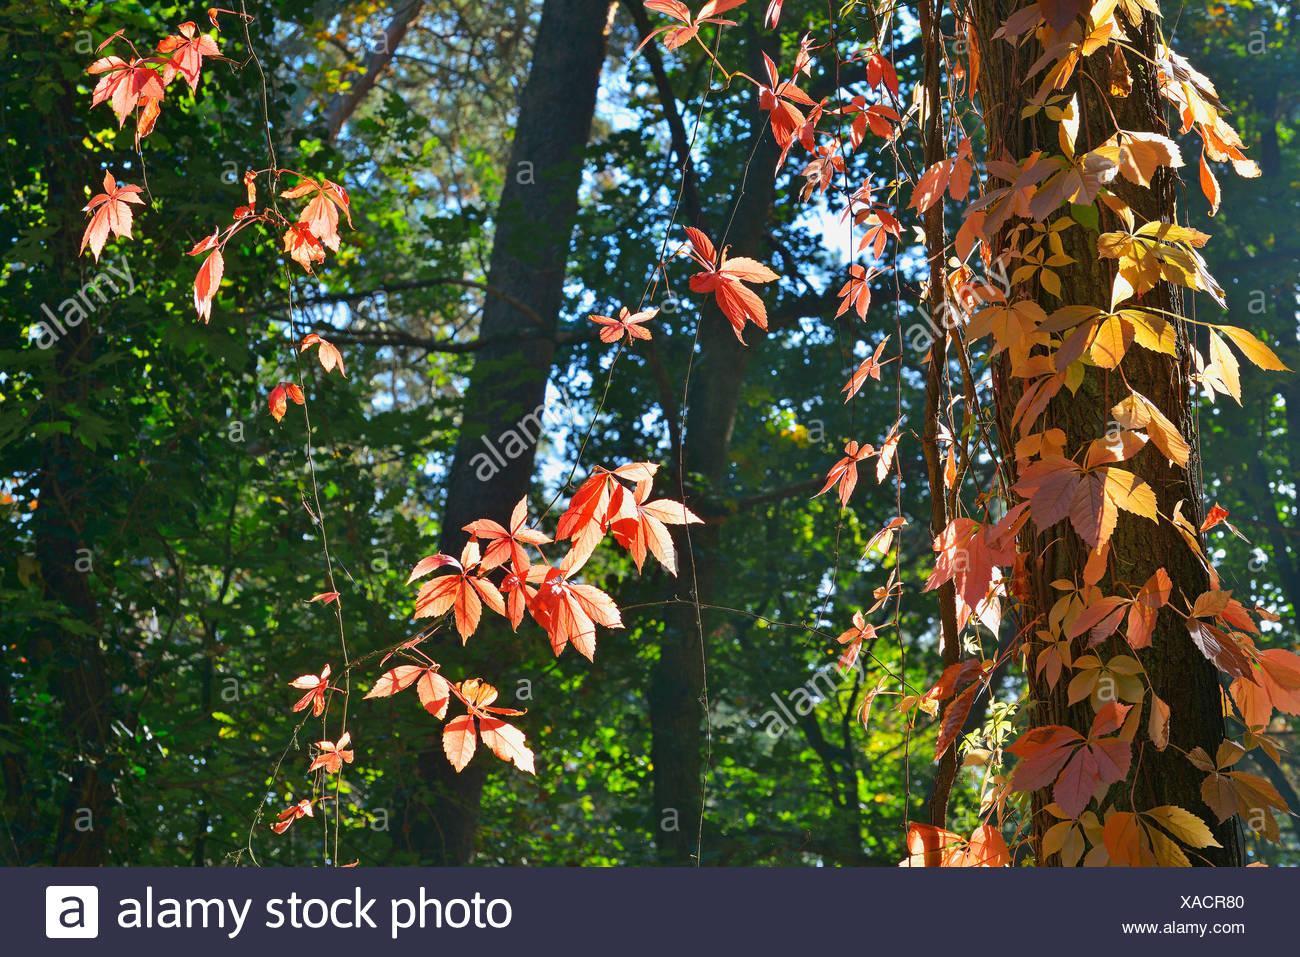 false Virginia-creeper (Parthenocissus inserta, Parthenocissus quinquefolia agg.), in autumn, Germany, Bavaria, Franken, Franconia - Stock Image